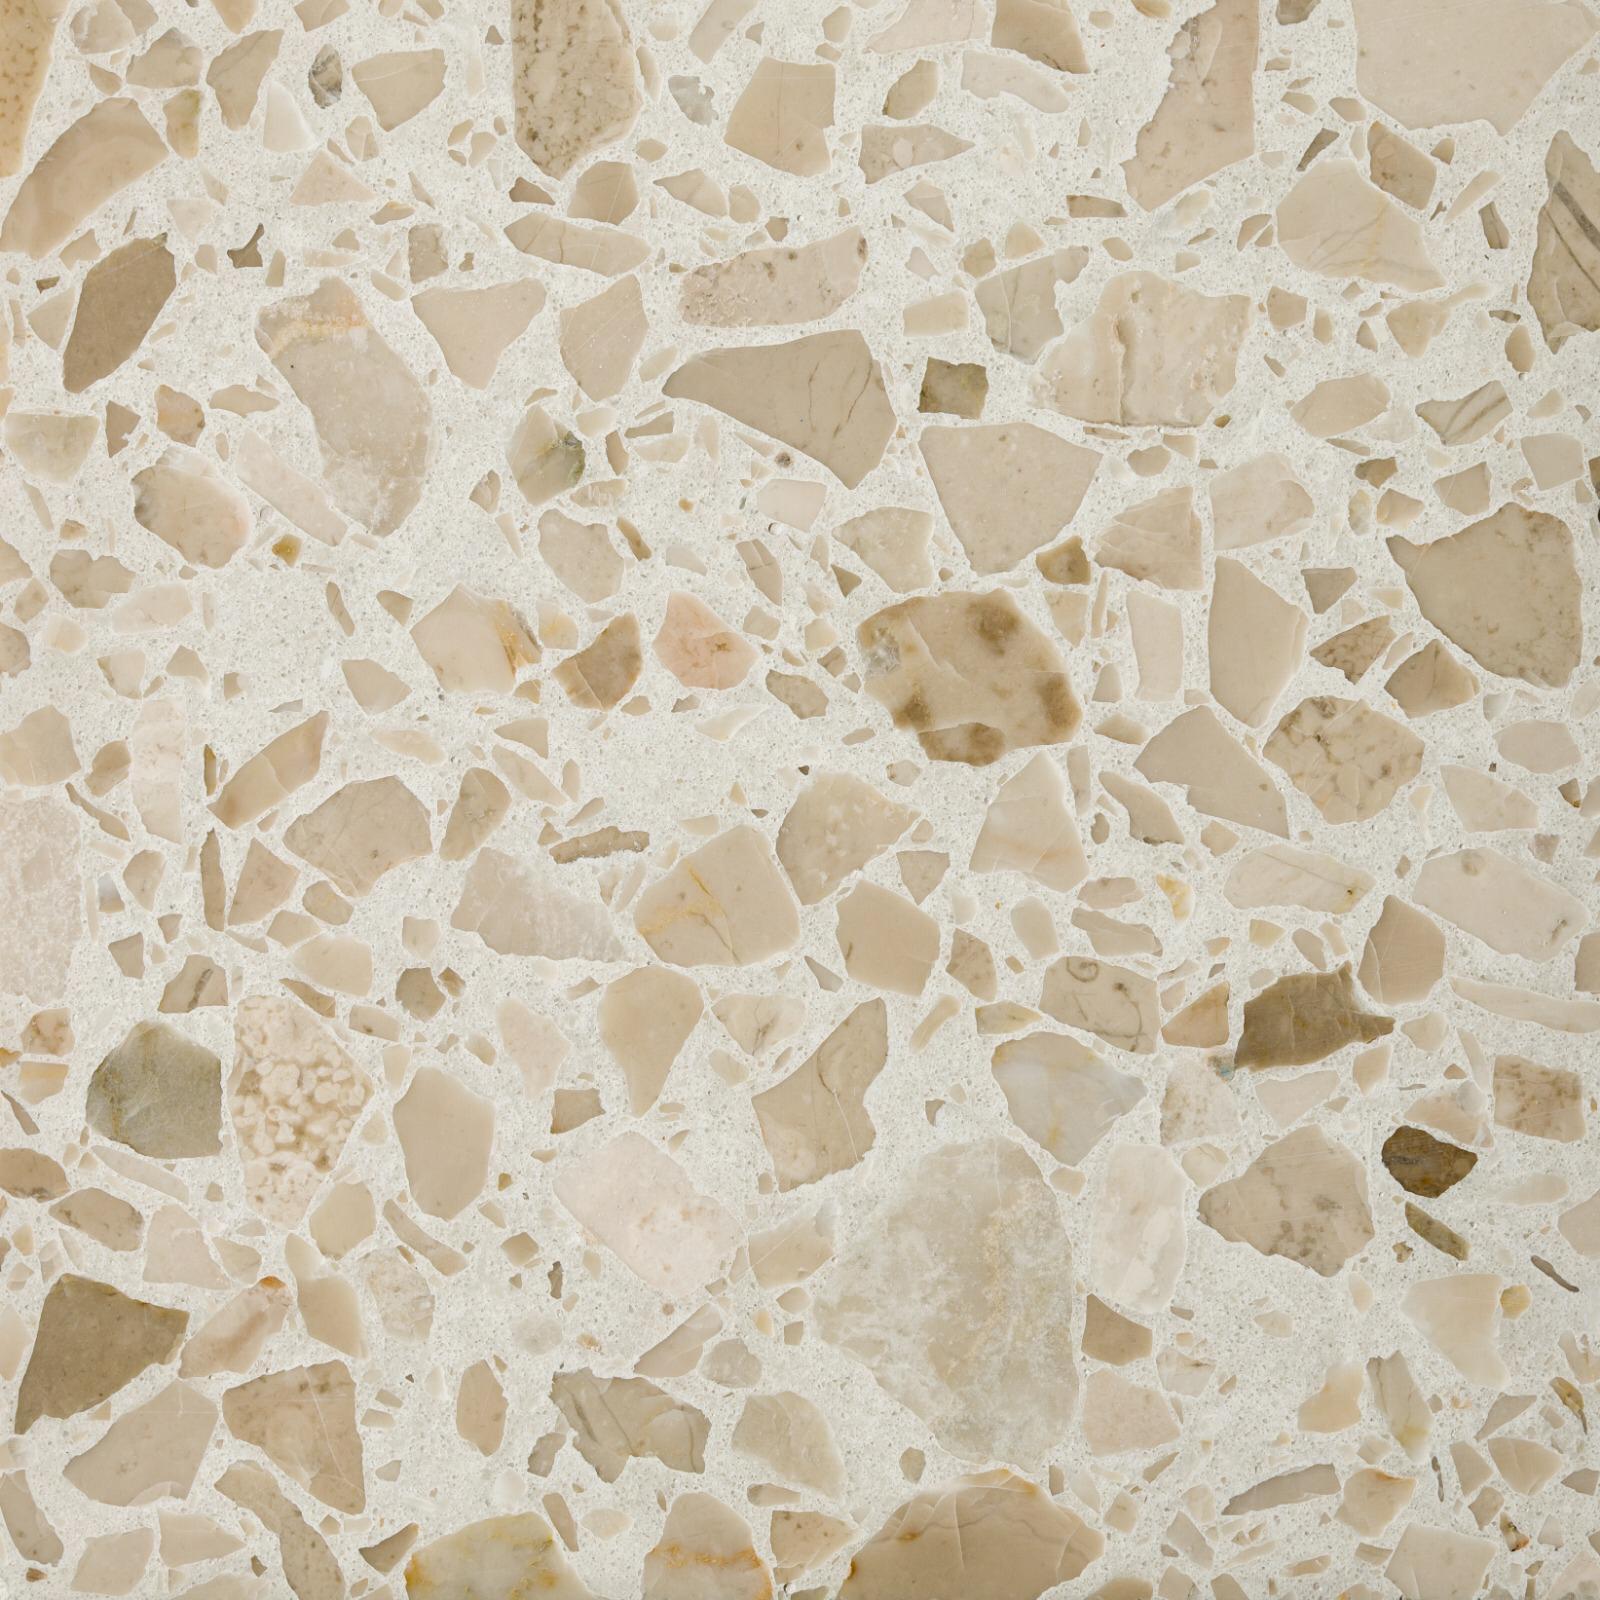 Terrazzo San Marco - Bot15 - Kuwait - www.homkw.com